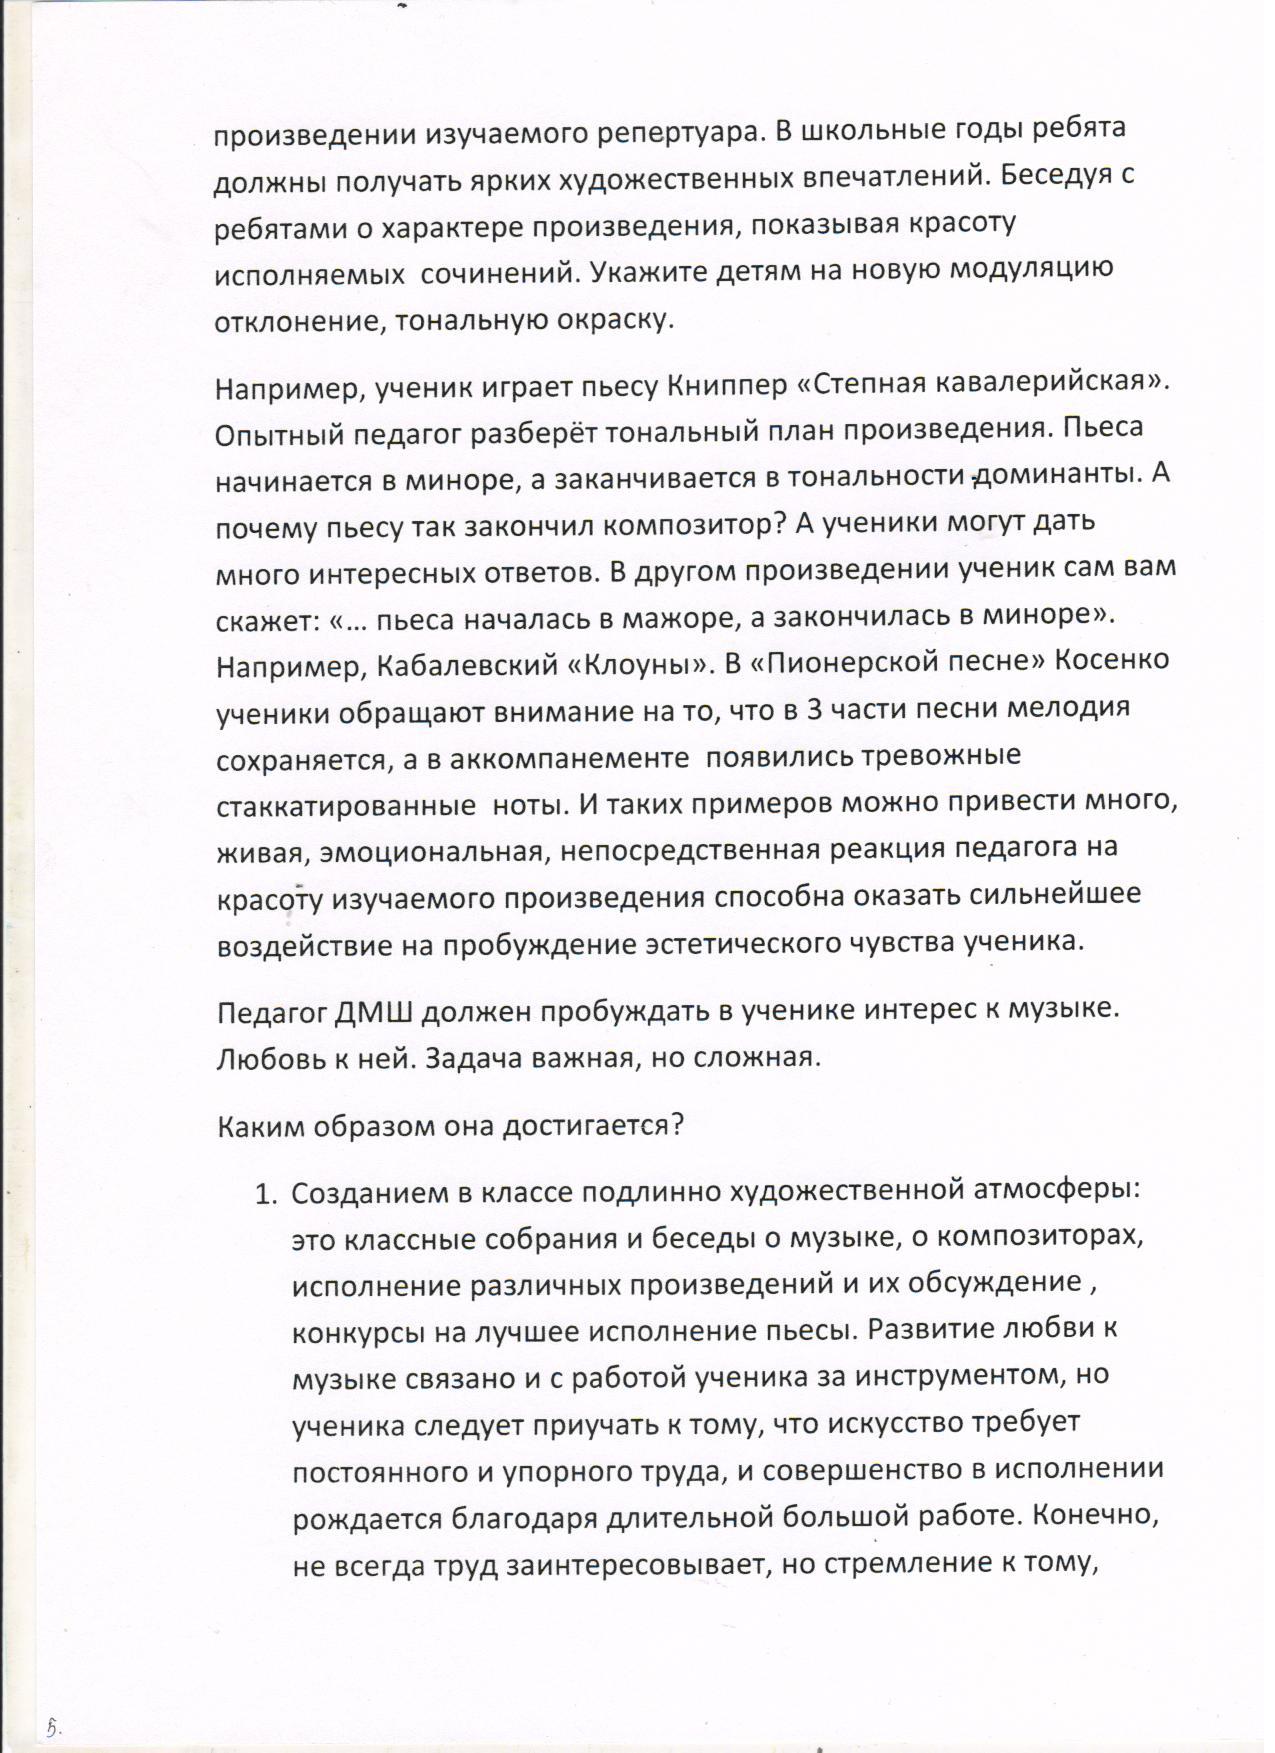 C:\Documents and Settings\Учитель\Рабочий стол\роль преподавателя 6.jpg